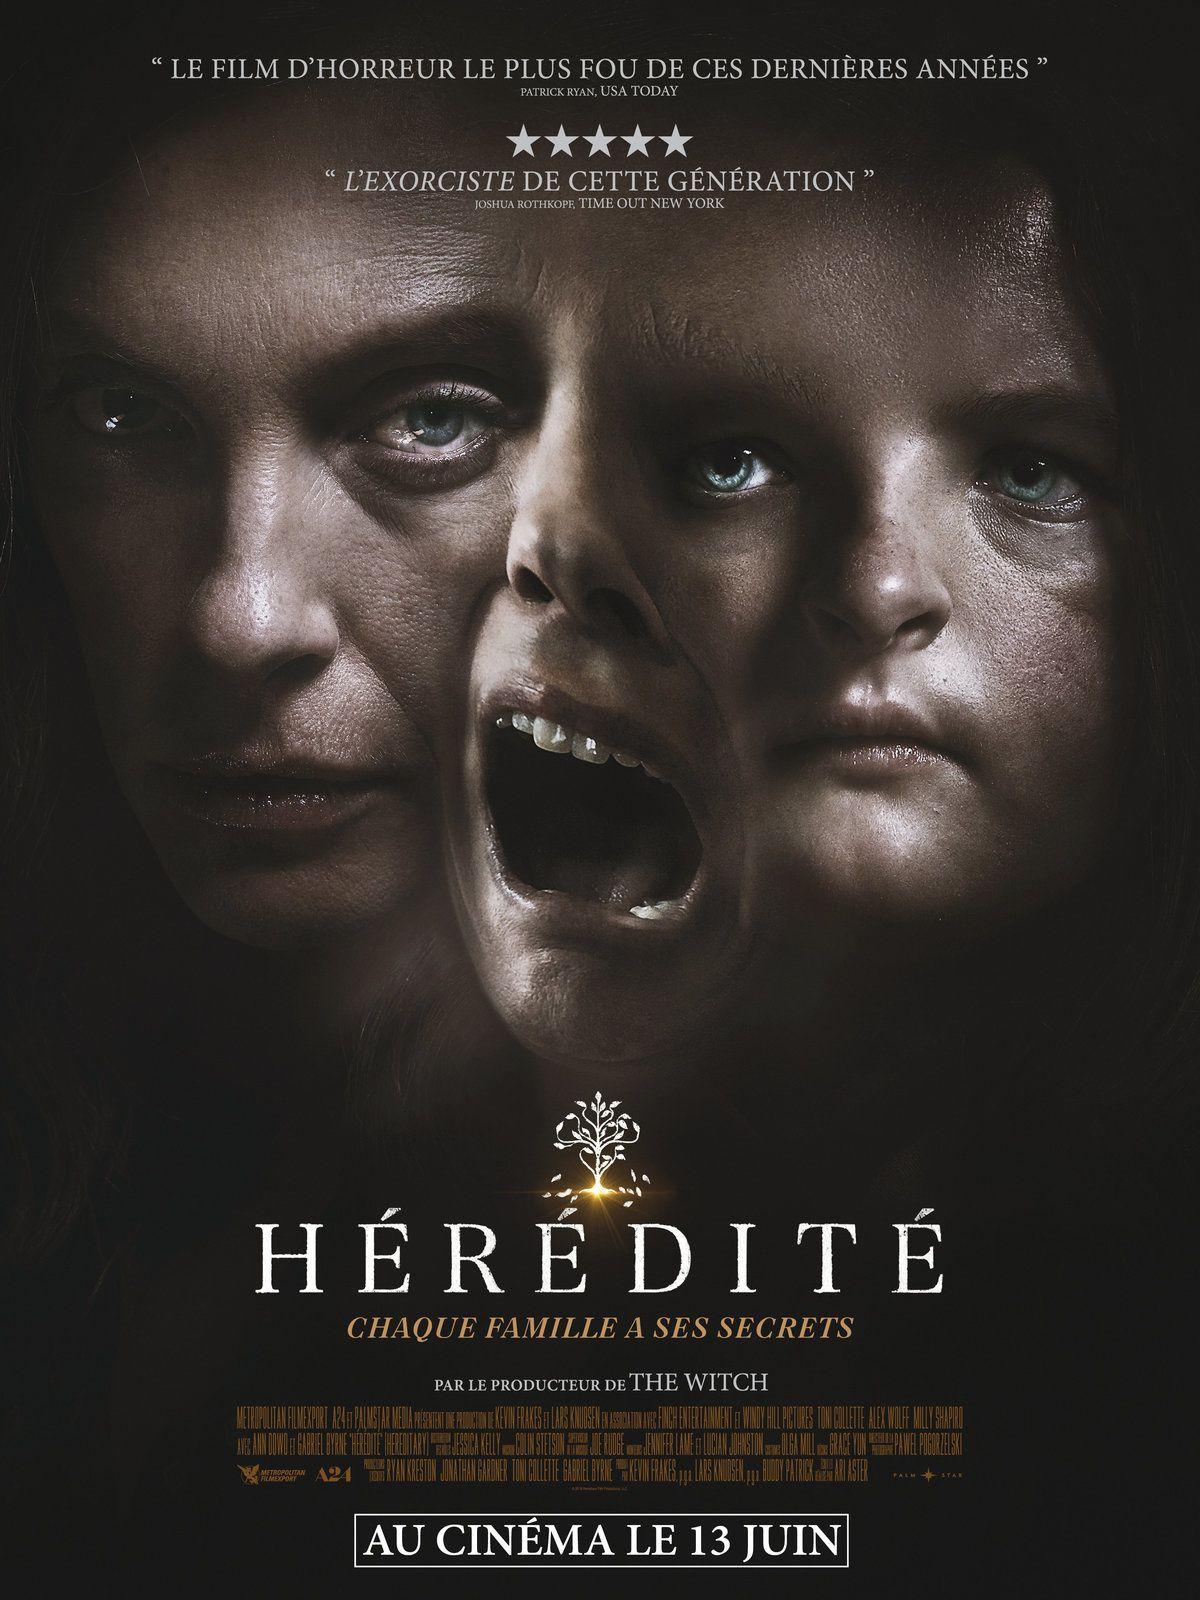 Hérédité (BANDE-ANNONCE VF et VOST) avec Toni Collette, Alex Wolff, Gabriel Byrne - Le 13 juin 2018 au cinéma